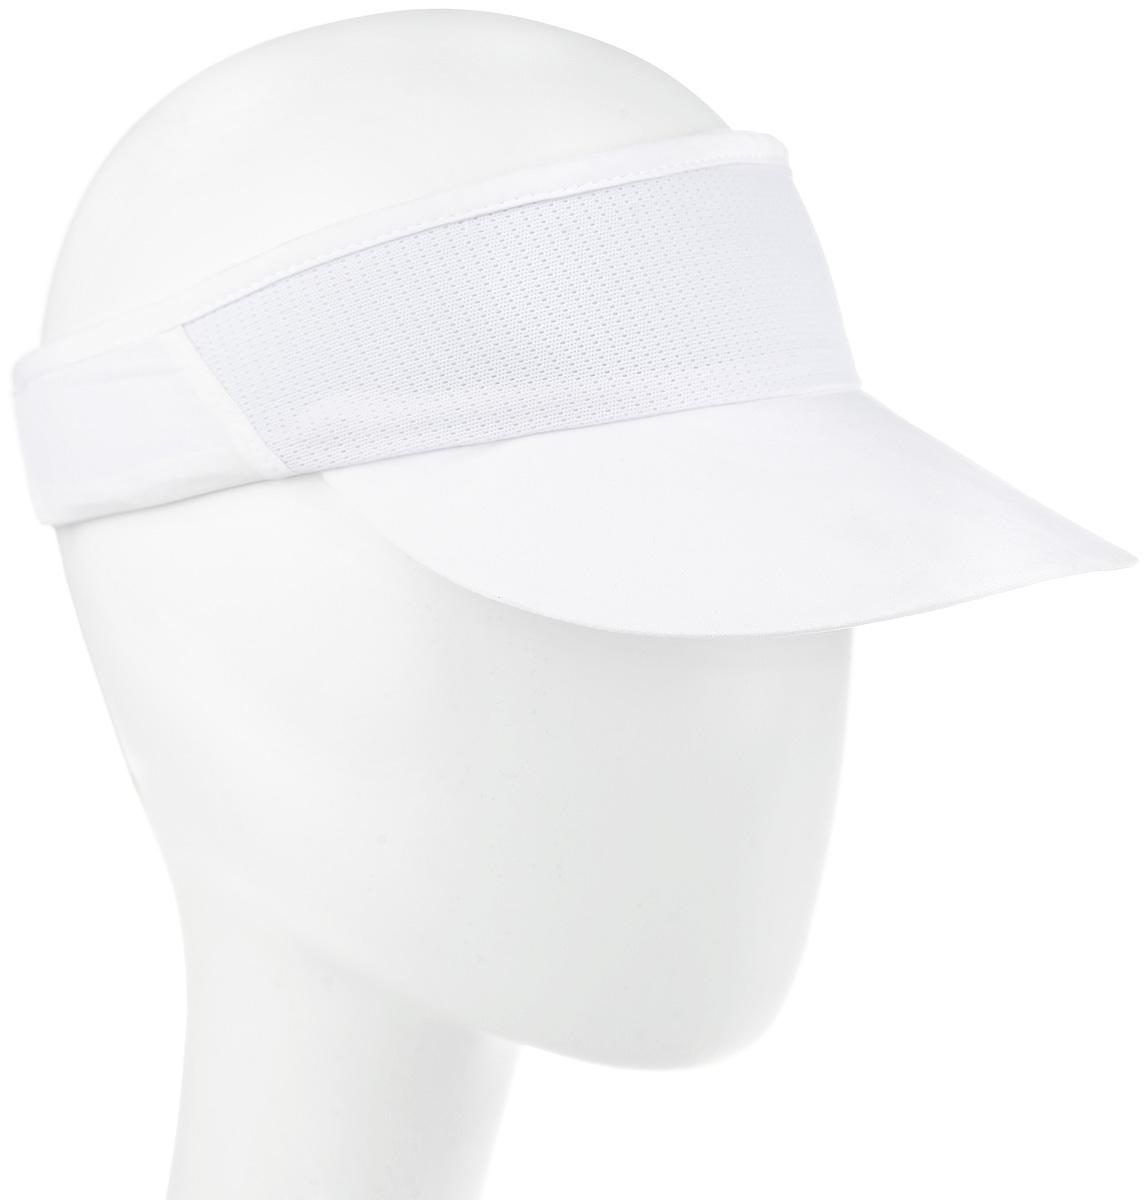 Бейсболка132060-0001Стильный козырек Asics, выполненный в спортивном стиле, не только защитит вас от прохладного ветра, но и убережет ваши глаза от лучей солнца. Козырек на фронтальной части оформлен светоотражающим логотипом Asics. Он идеально подходит для спортивных занятий или активного отдыха на открытом воздухе.